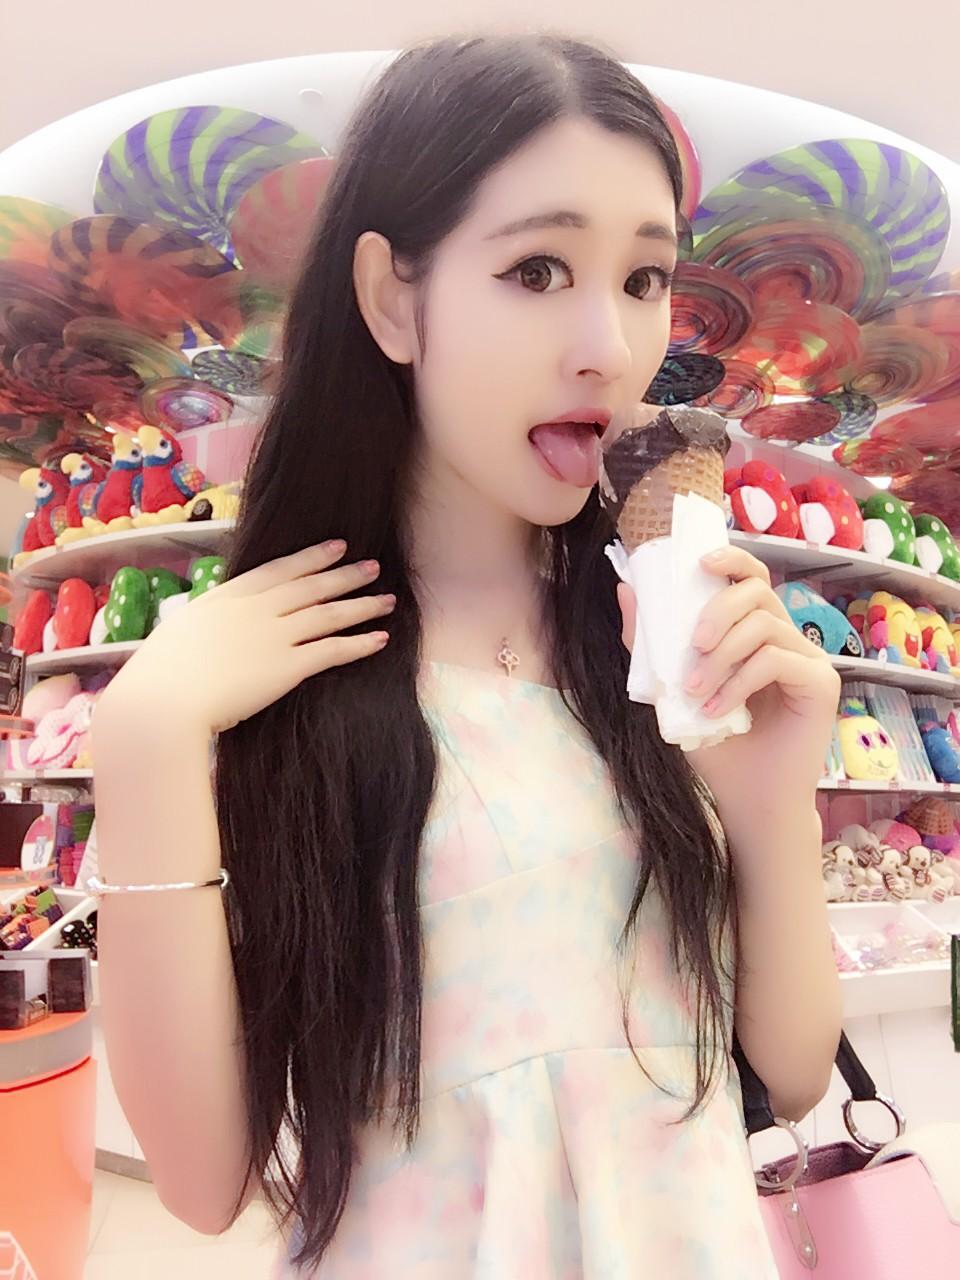 网络红人沈梦瑶 教你吃冰淇淋的15种姿势